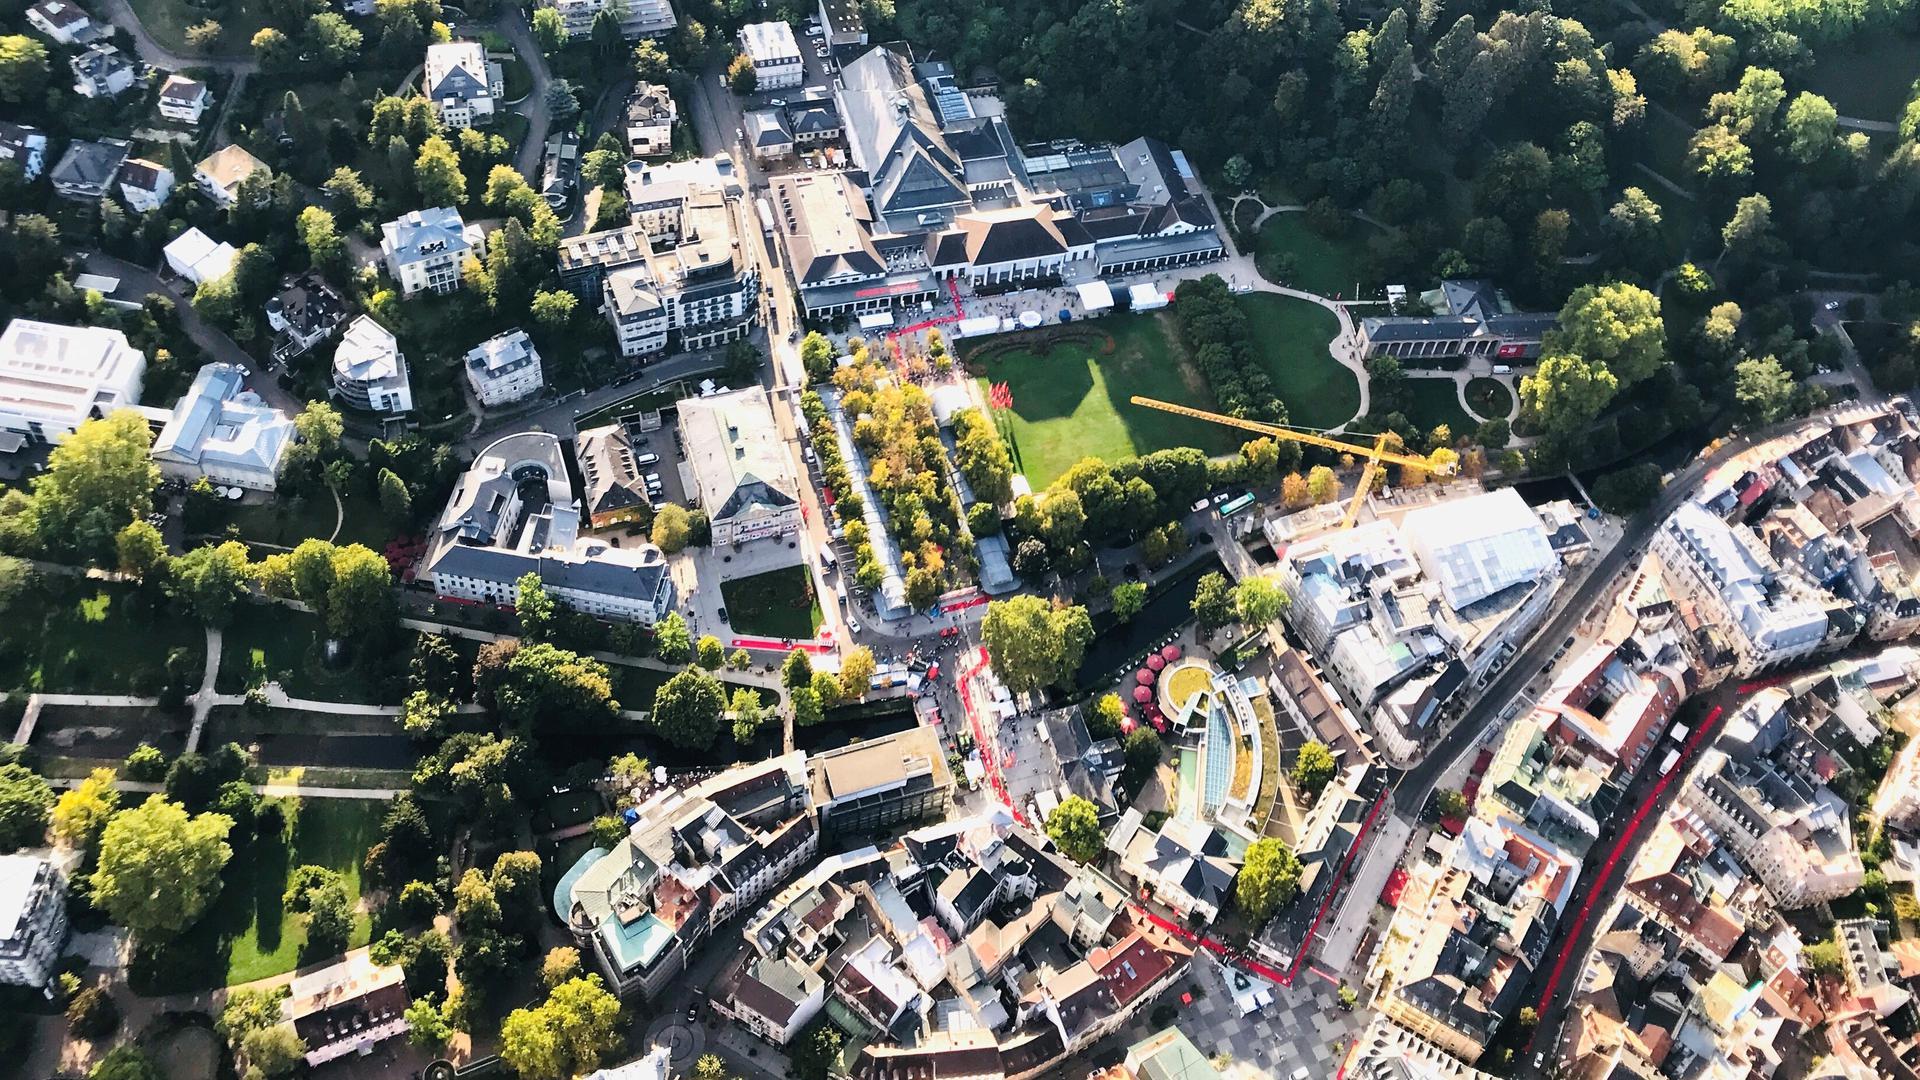 Die Fieser-Brücke (Bildmitte) ist die Verbindung von der Altstadt zum Kurviertel mit den Kolonnaden, dem Kurgarten und dem Kurhaus.